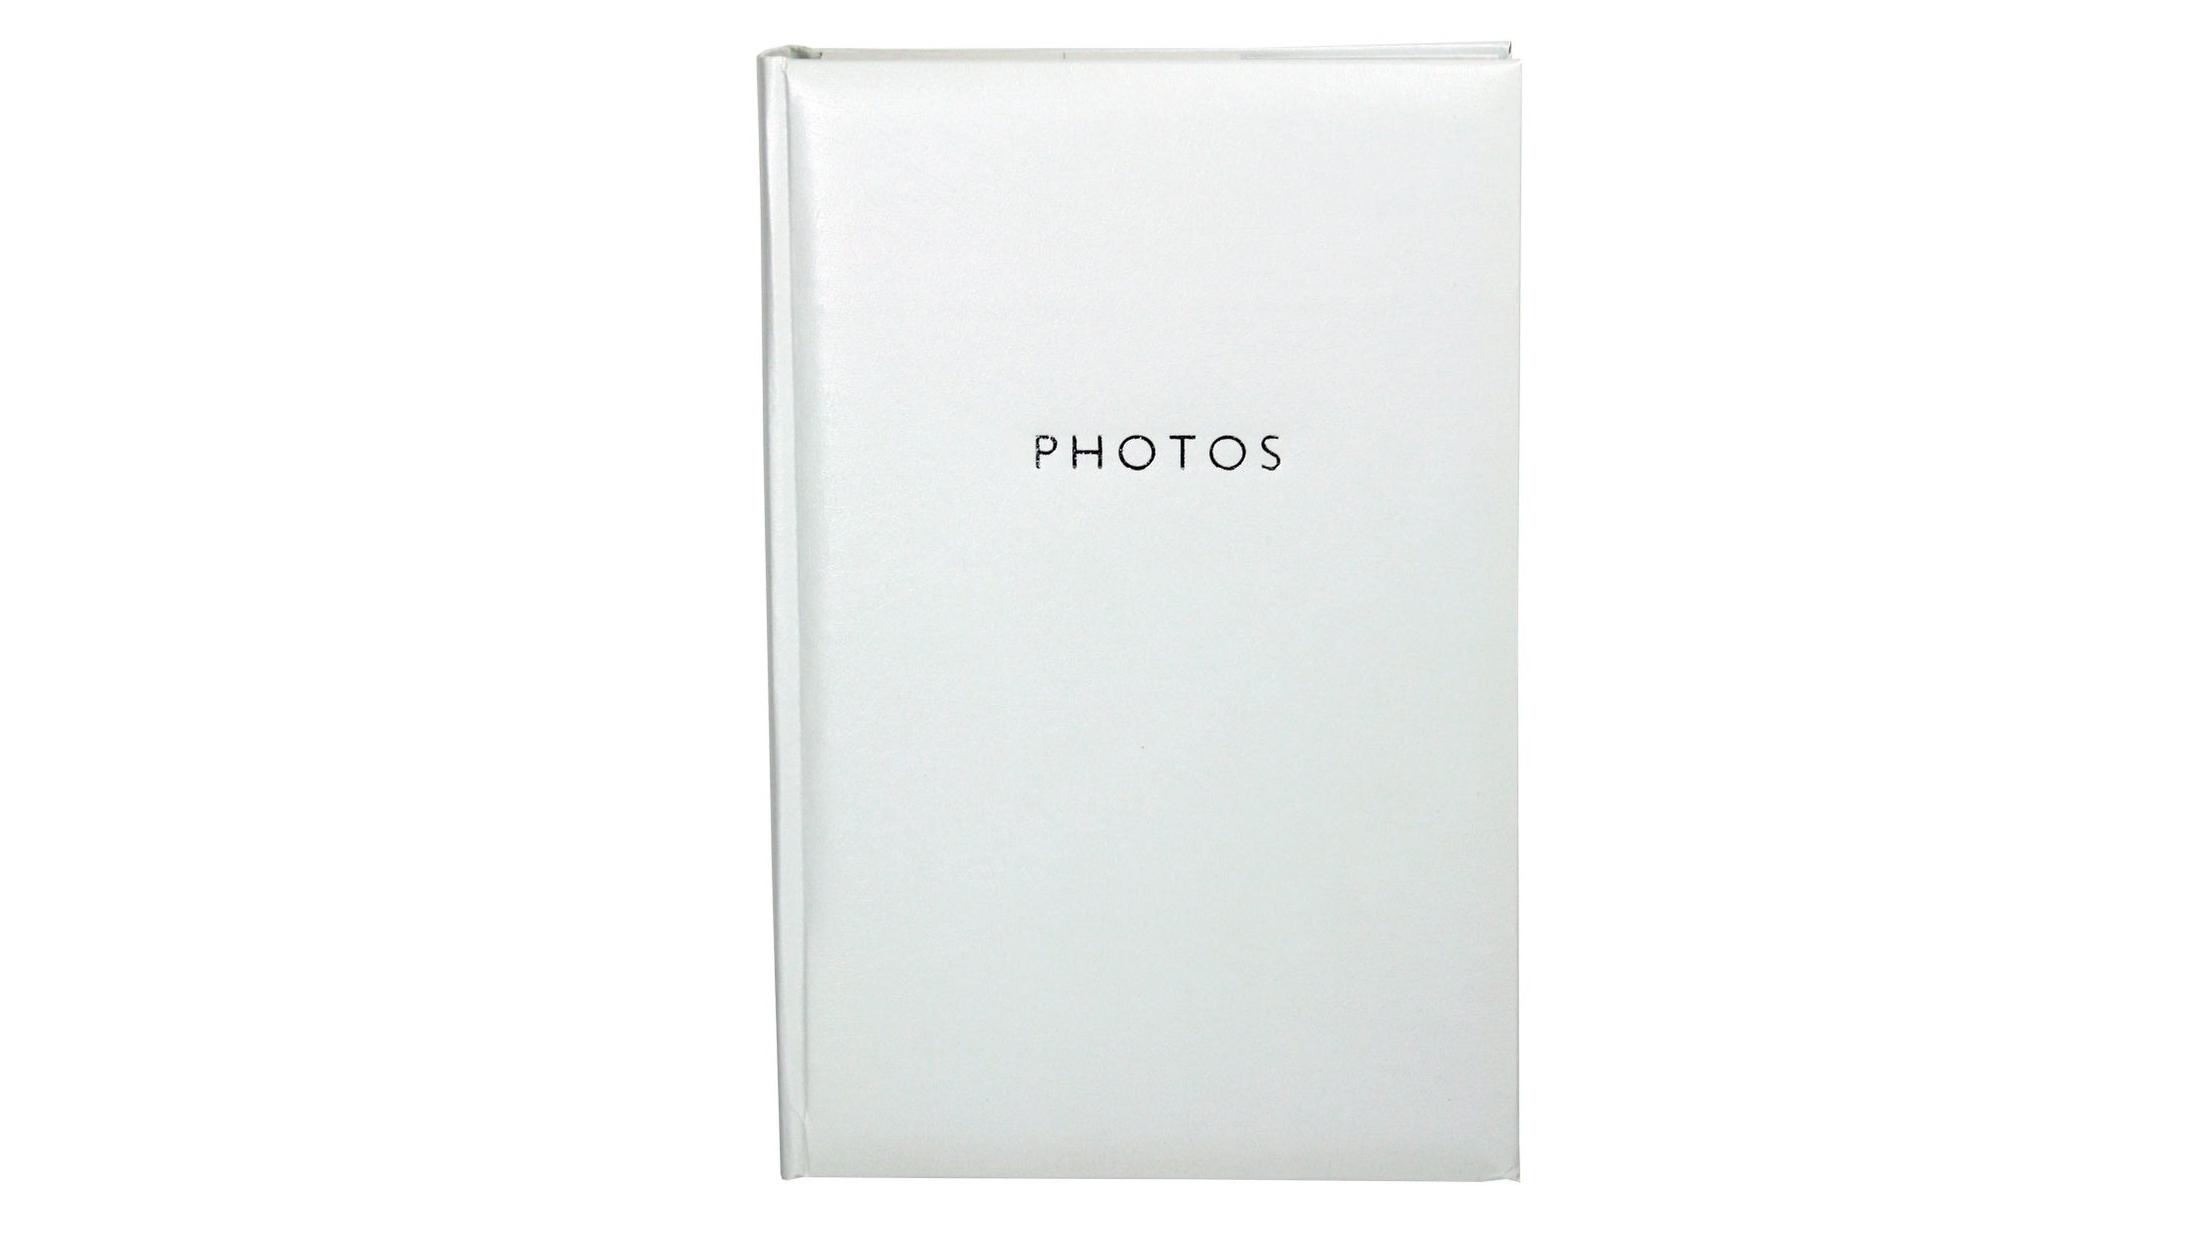 Image of Platinum Glamour 4x6 Slip-In 4x6 300 Photo Album - White